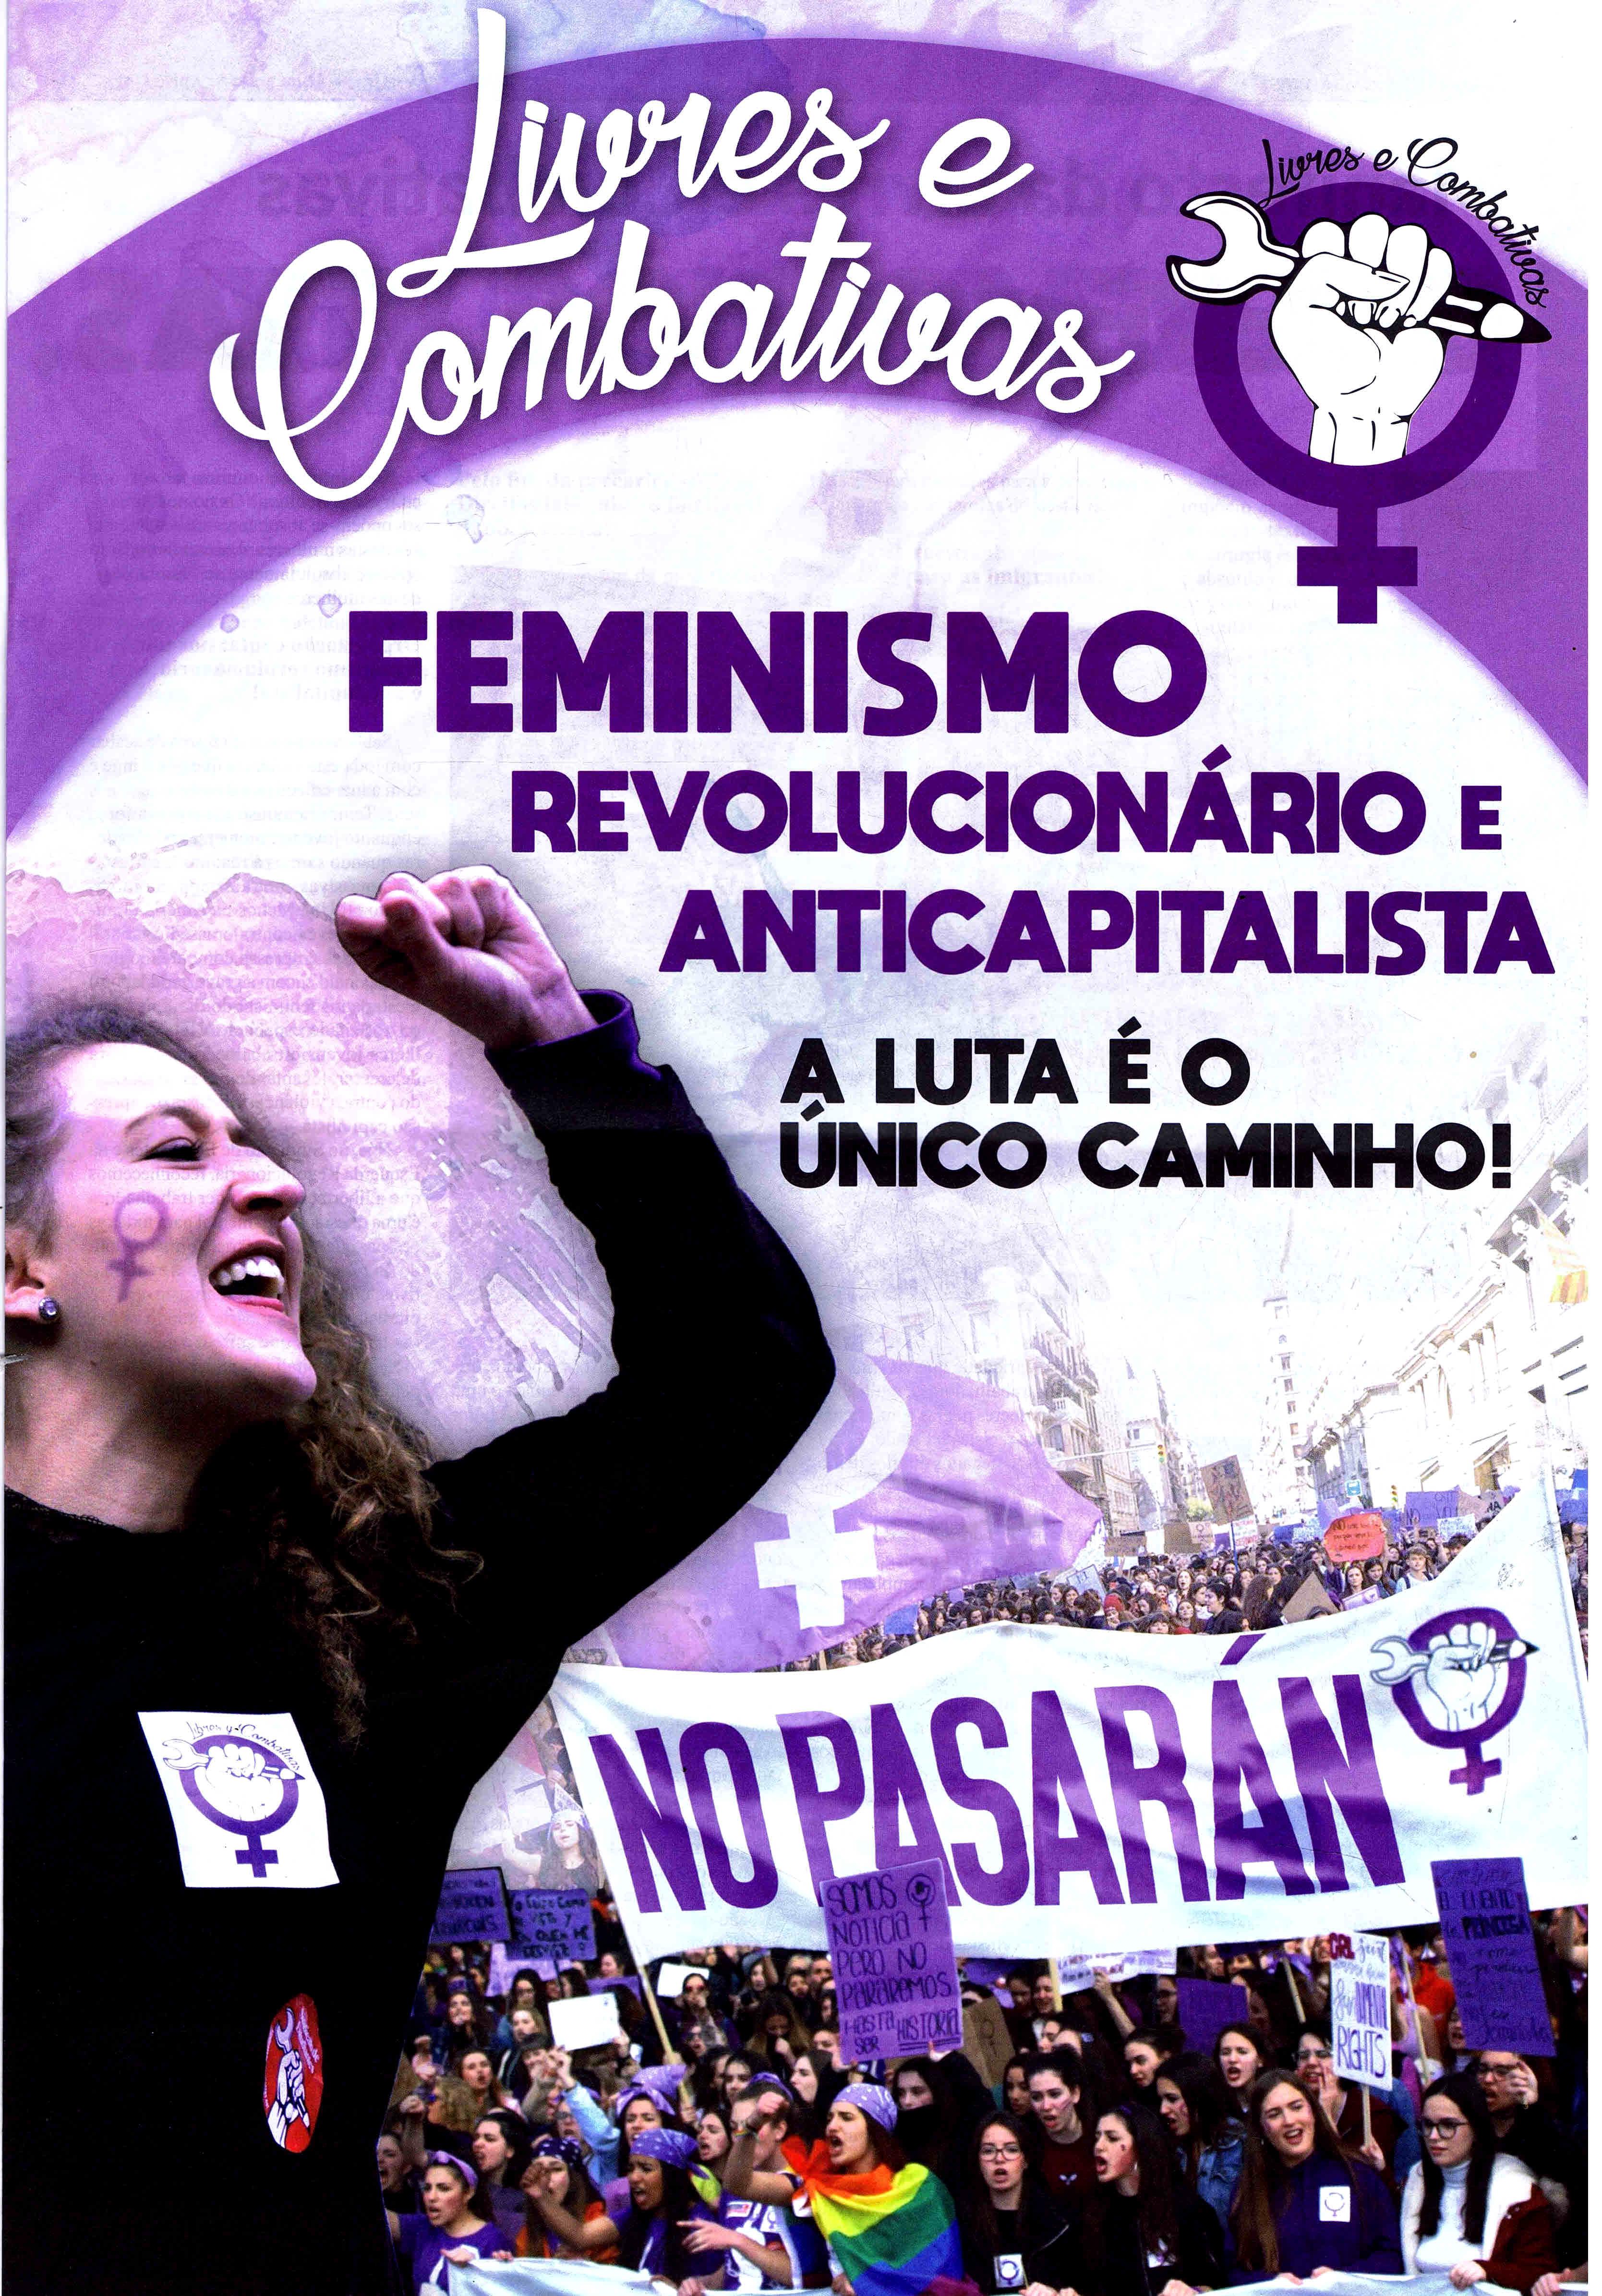 esquerda revolucionaria 2020 folha feminista 1